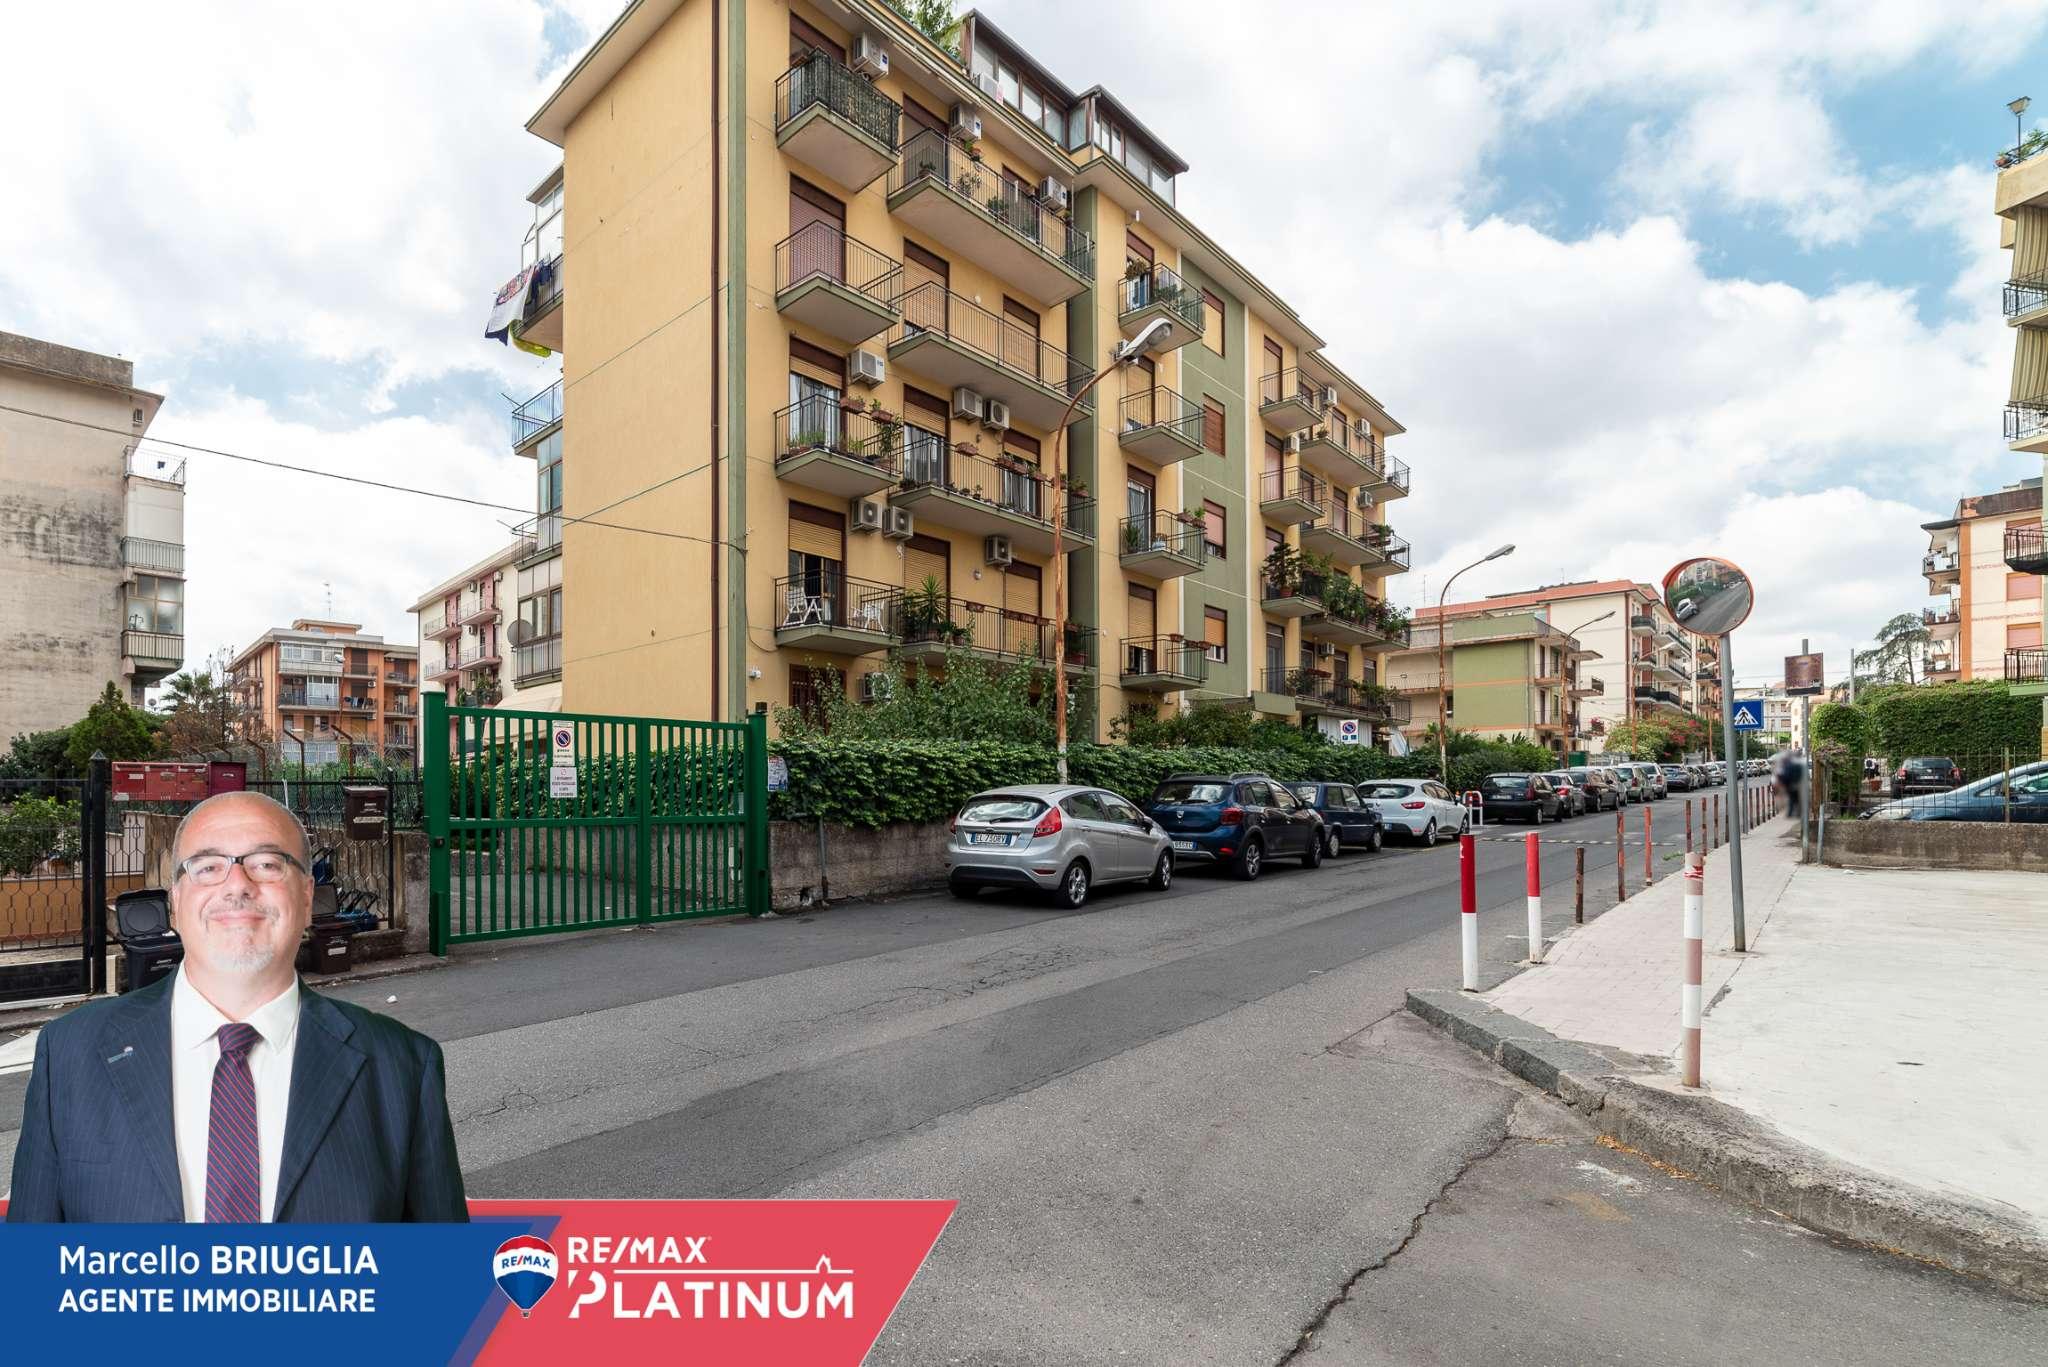 Appartamento in vendita a Gravina di Catania, 5 locali, prezzo € 110.000 | PortaleAgenzieImmobiliari.it